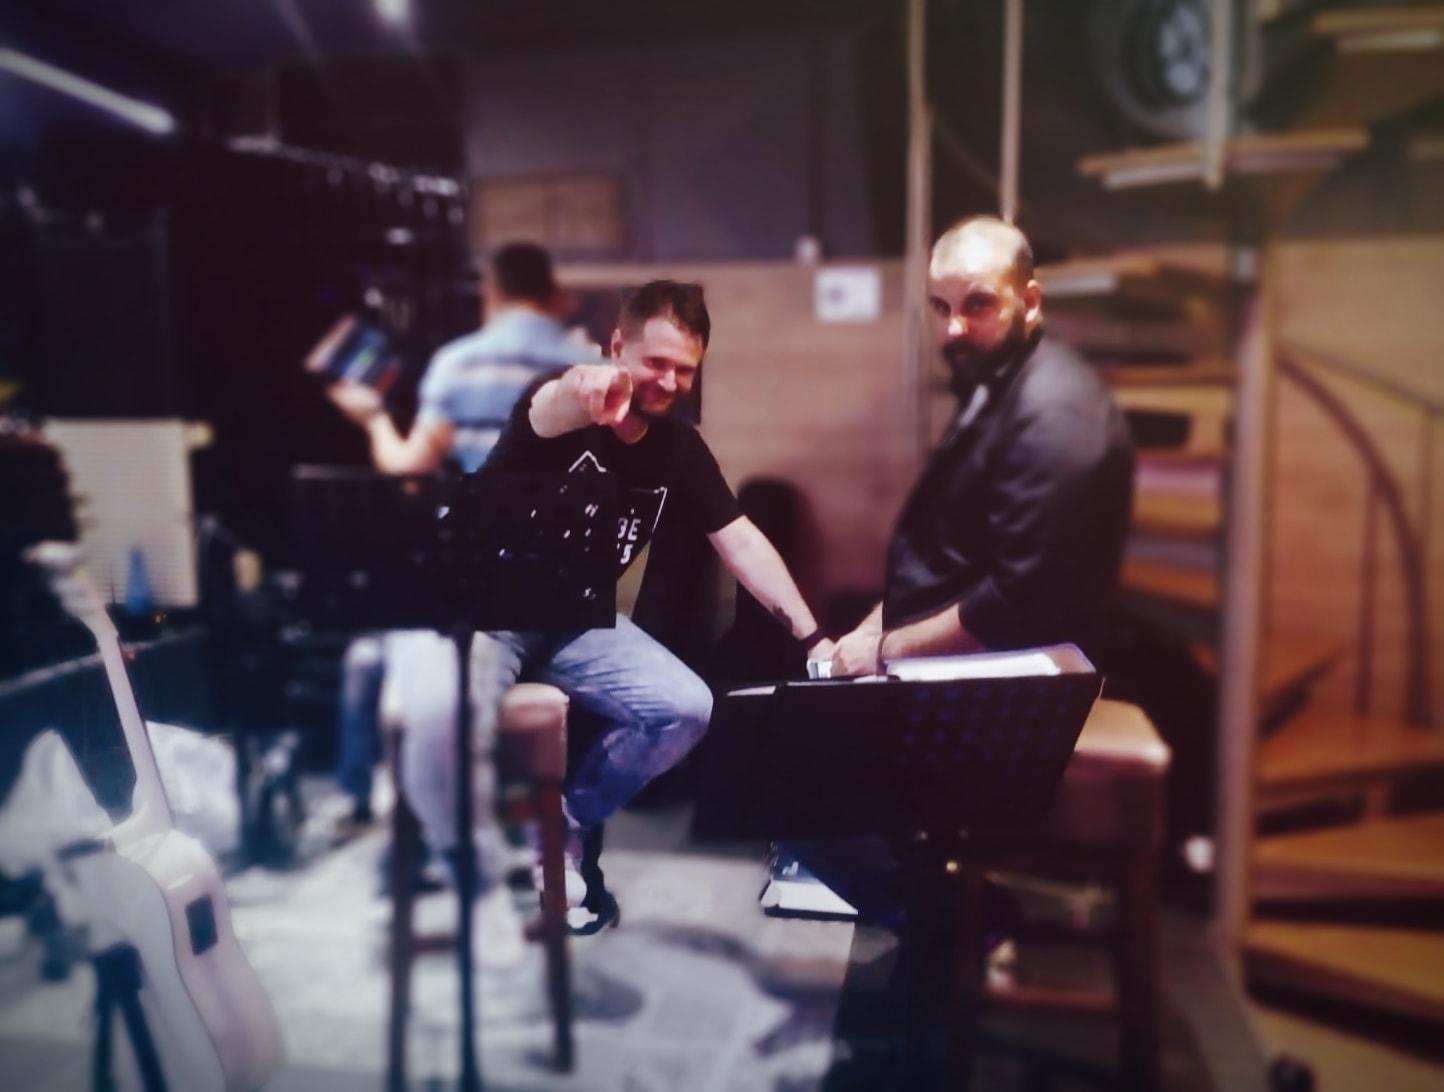 , Υπέροχο ταξίδι με τον Κώστα Αρμενόπουλο στο REXX HALL, Eviathema.gr | ΕΥΒΟΙΑ ΝΕΑ - Νέα και ειδήσεις από όλη την Εύβοια